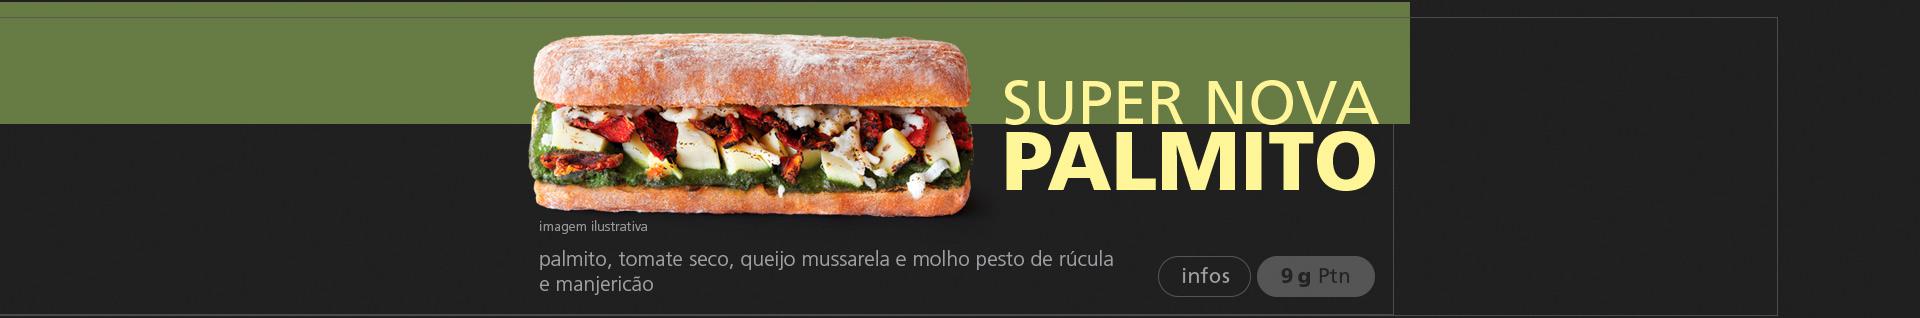 biO2 Super Nova Palmito